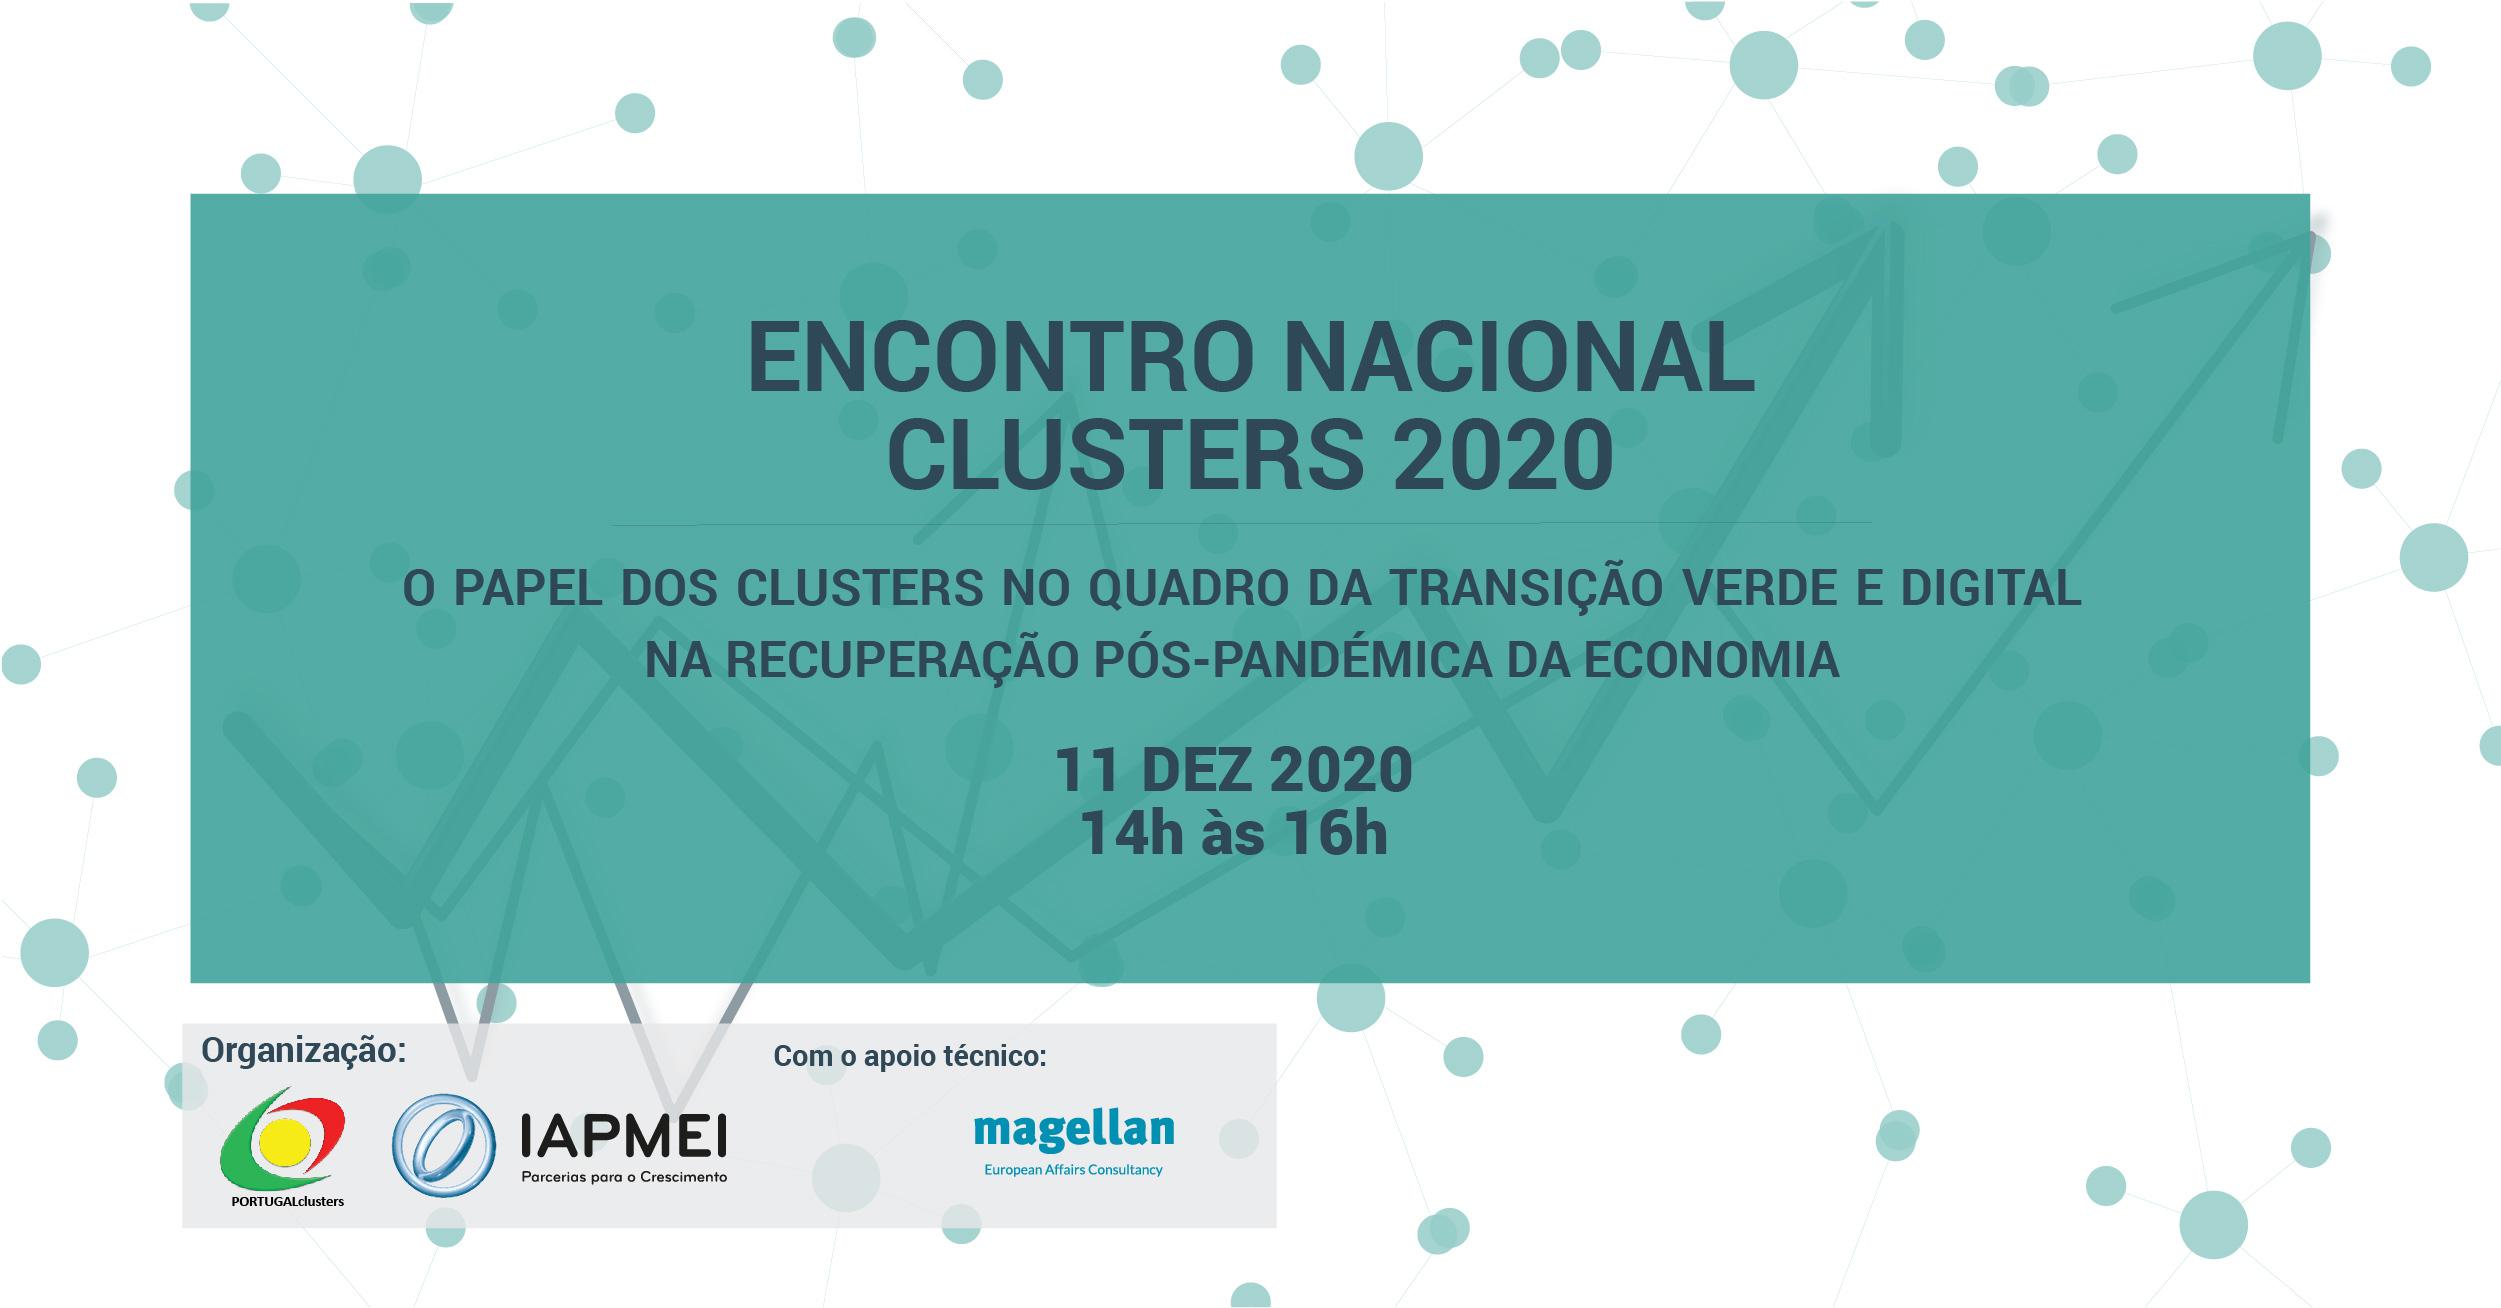 """Cluster-Têxtil-O PAPEL DOS CLUSTERS NO QUADRO DA TRANSIÇÃO VERDE E DIGITAL NA RECUPERAÇÃO PÓS-PANDÉMICA DA ECONOMIA"""""""